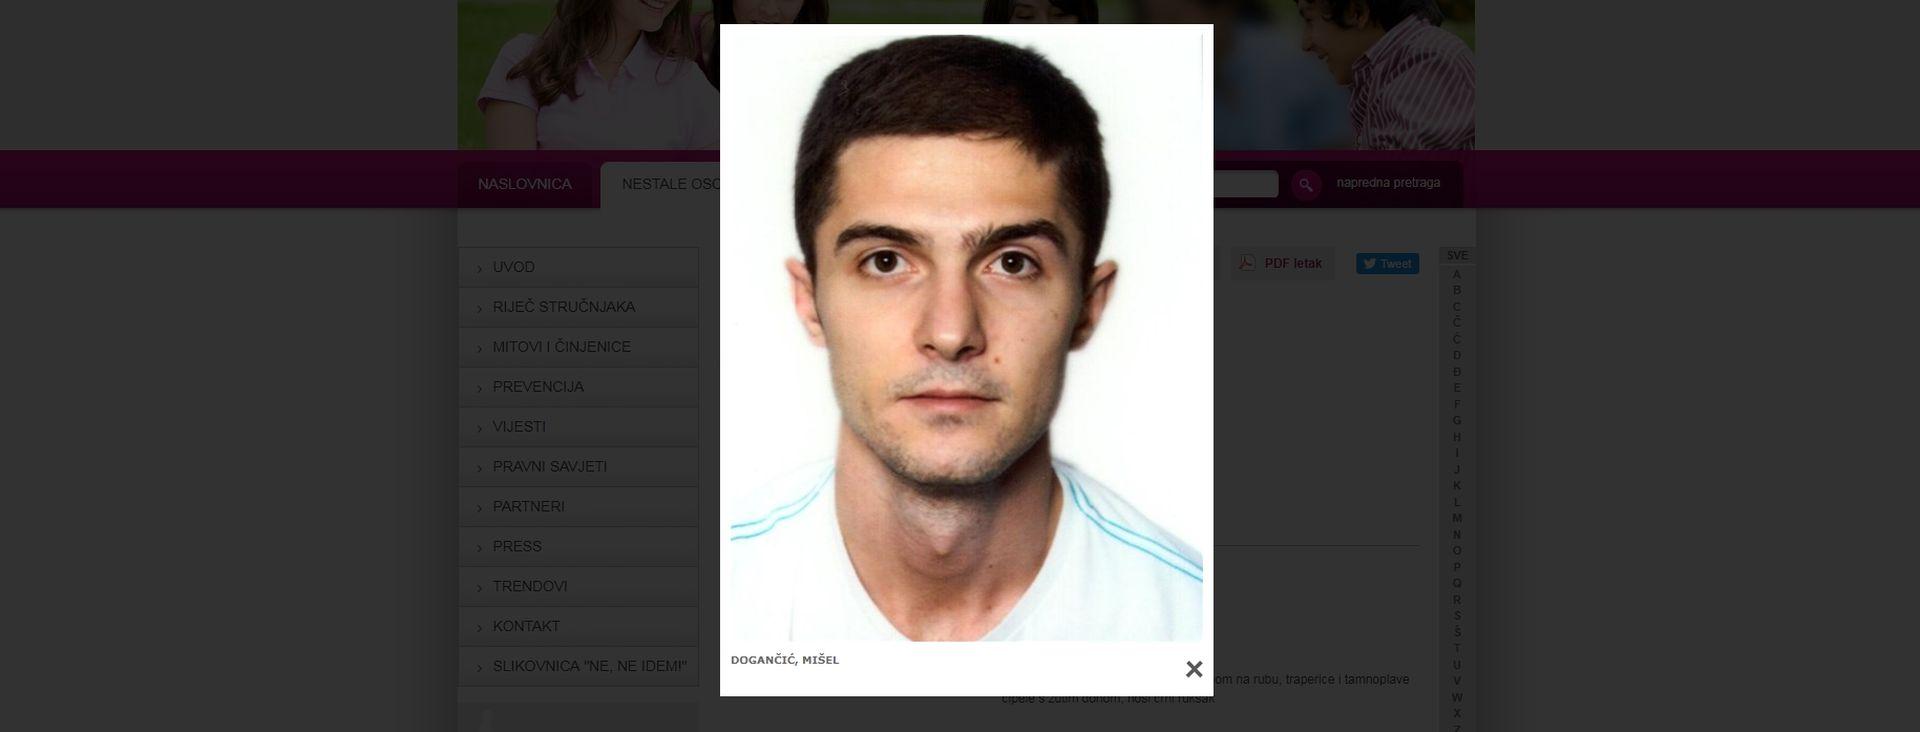 U Zagrebu nestao 28-godišnji policajac, jeste li ga vidjeli?